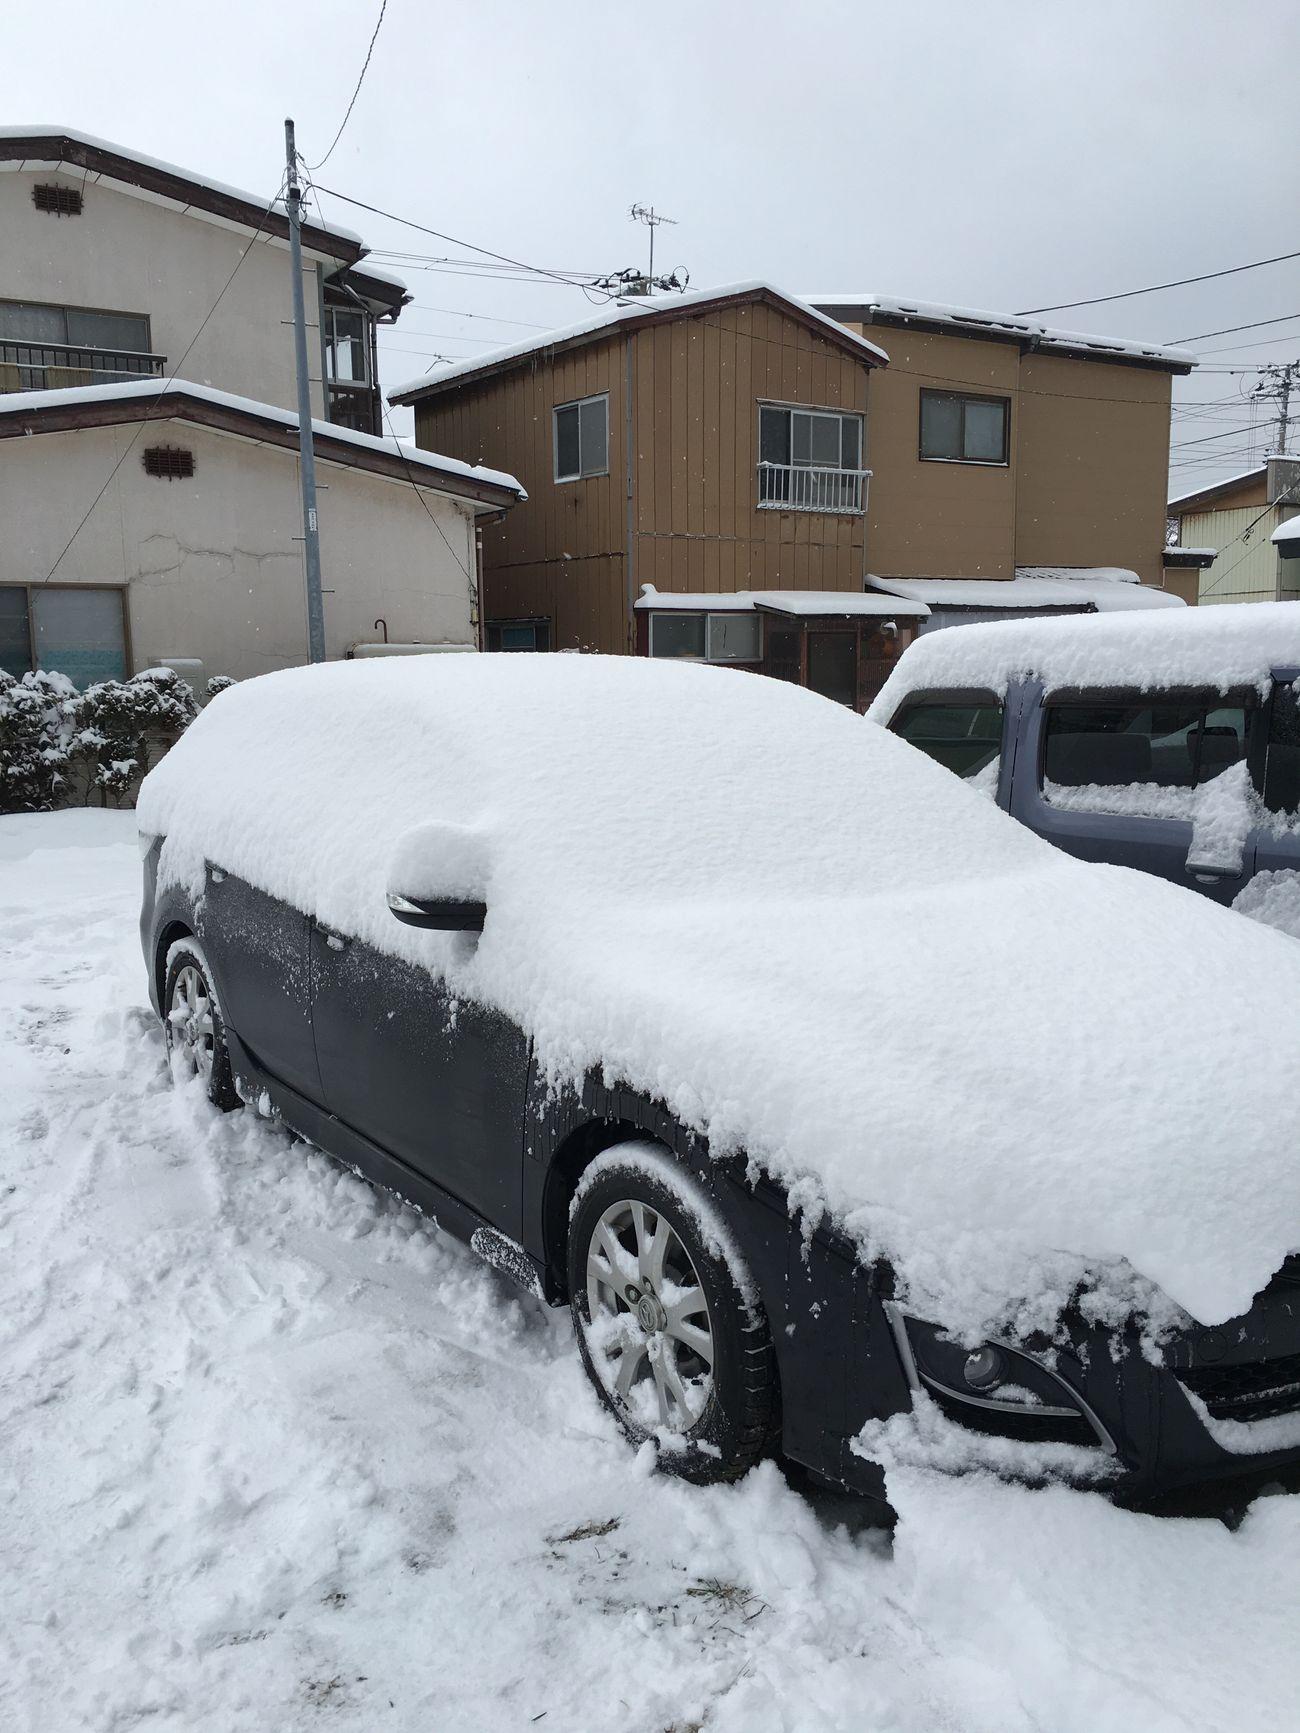 The Drive Winter Snow Mazda Car Winter